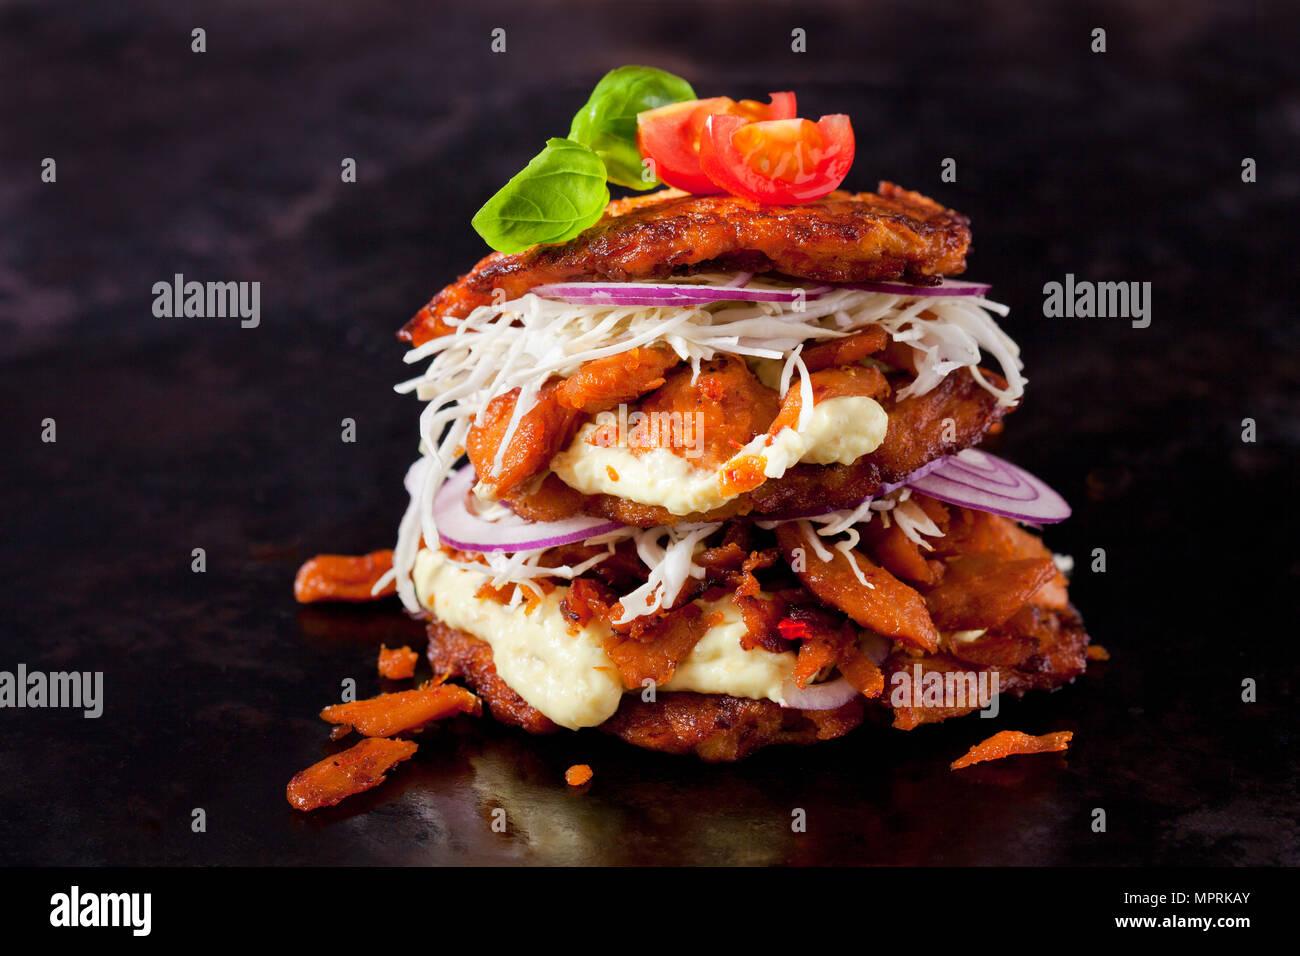 Hamburger Vegetariano fatto di frittelle di patate, patate dolci, carne di soia, remoulade e salsa barbecue Immagini Stock